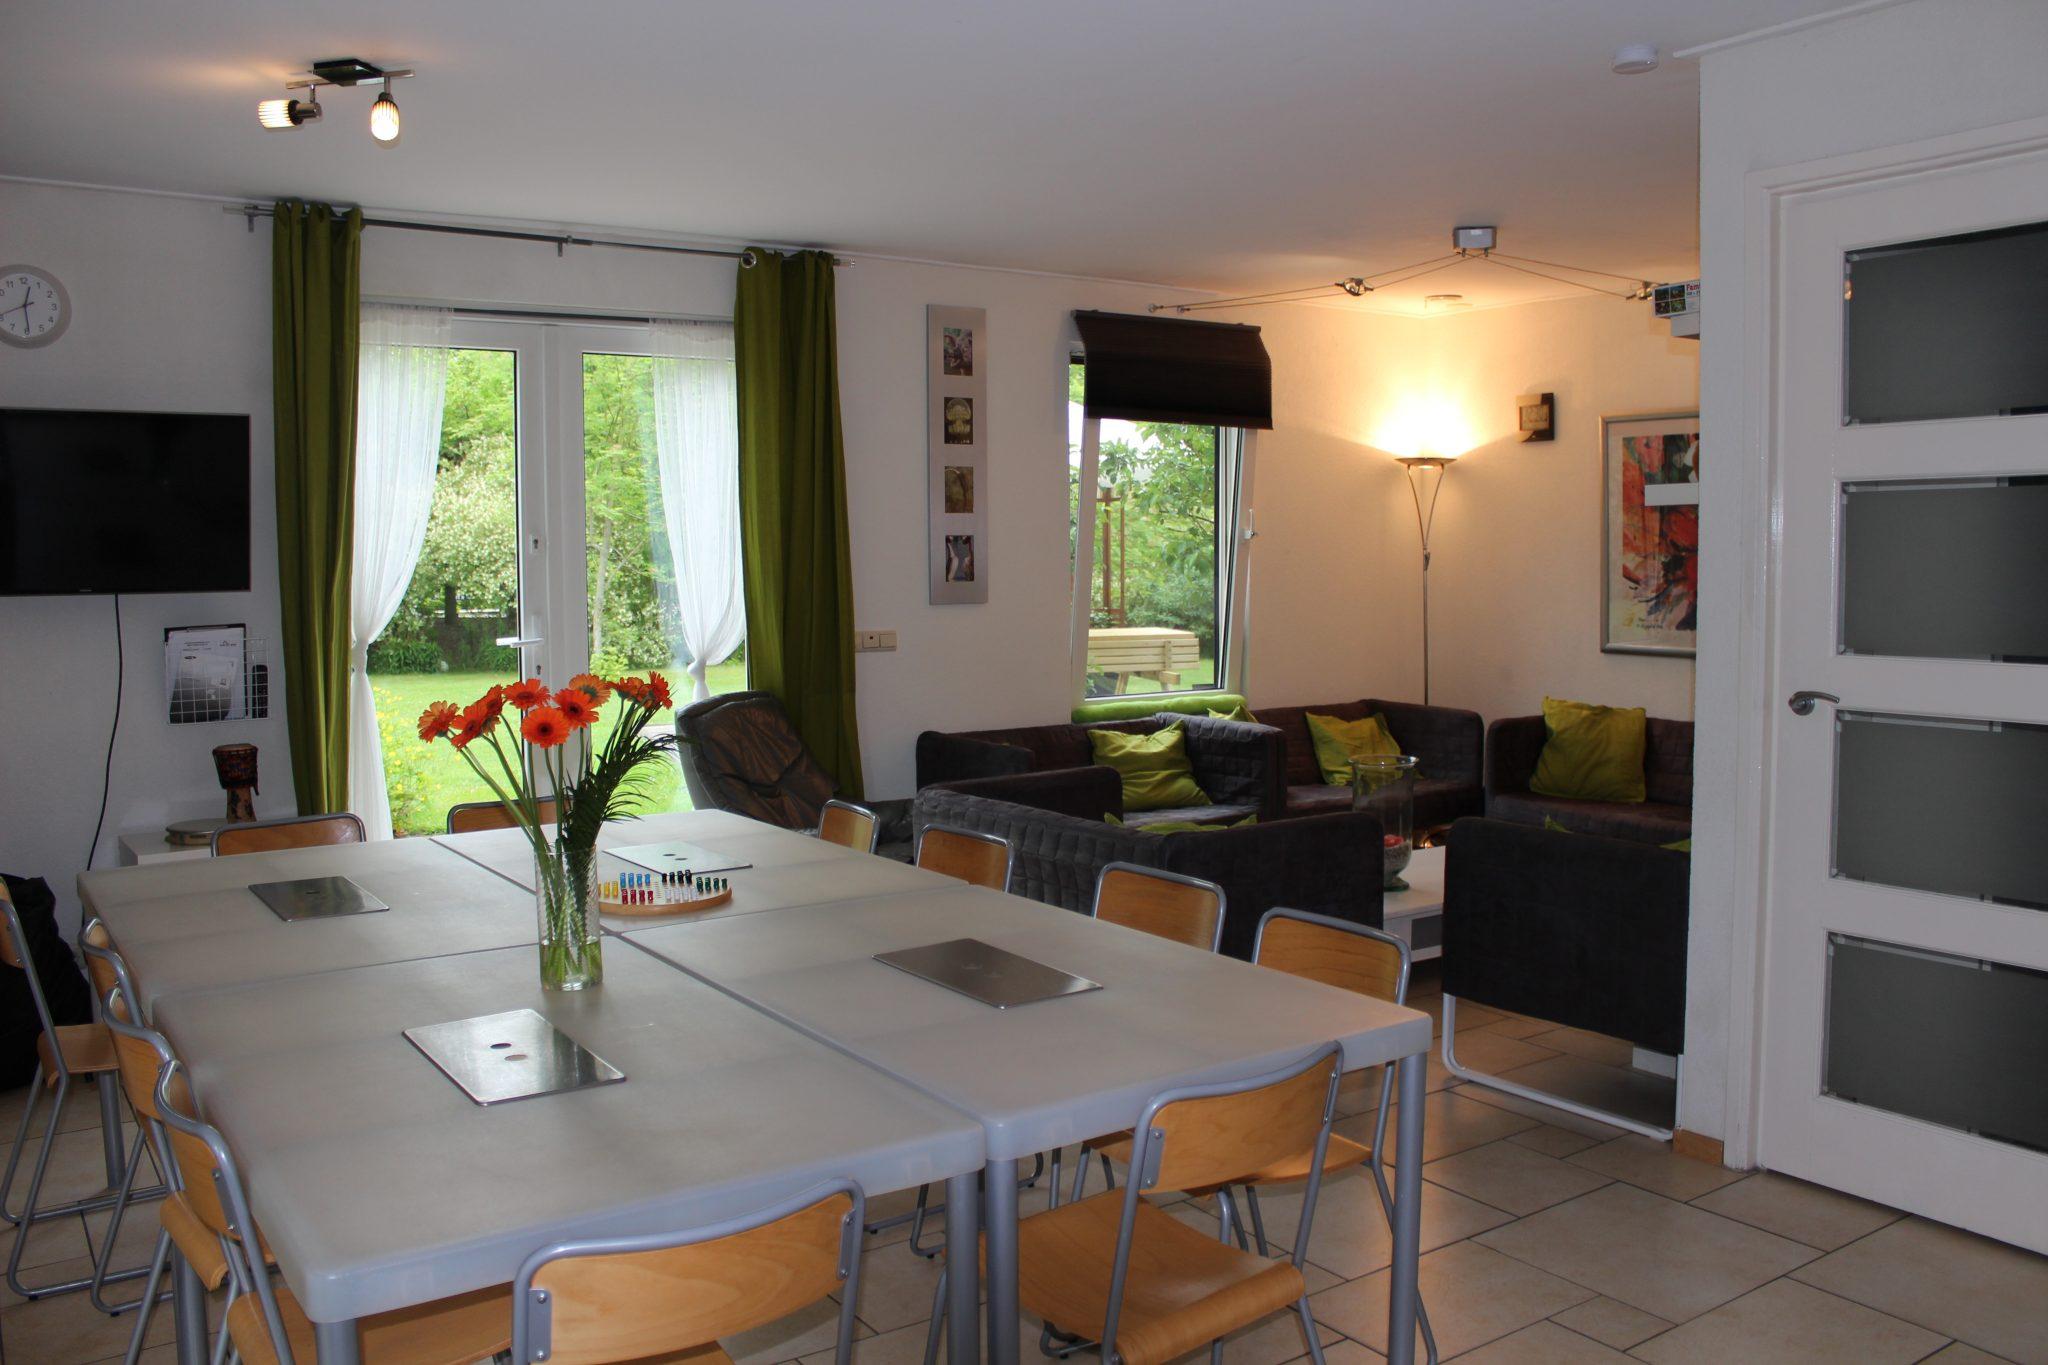 Keuken Met Zithoekje : Indeling vakantiehuis vakantie huis bij het bos